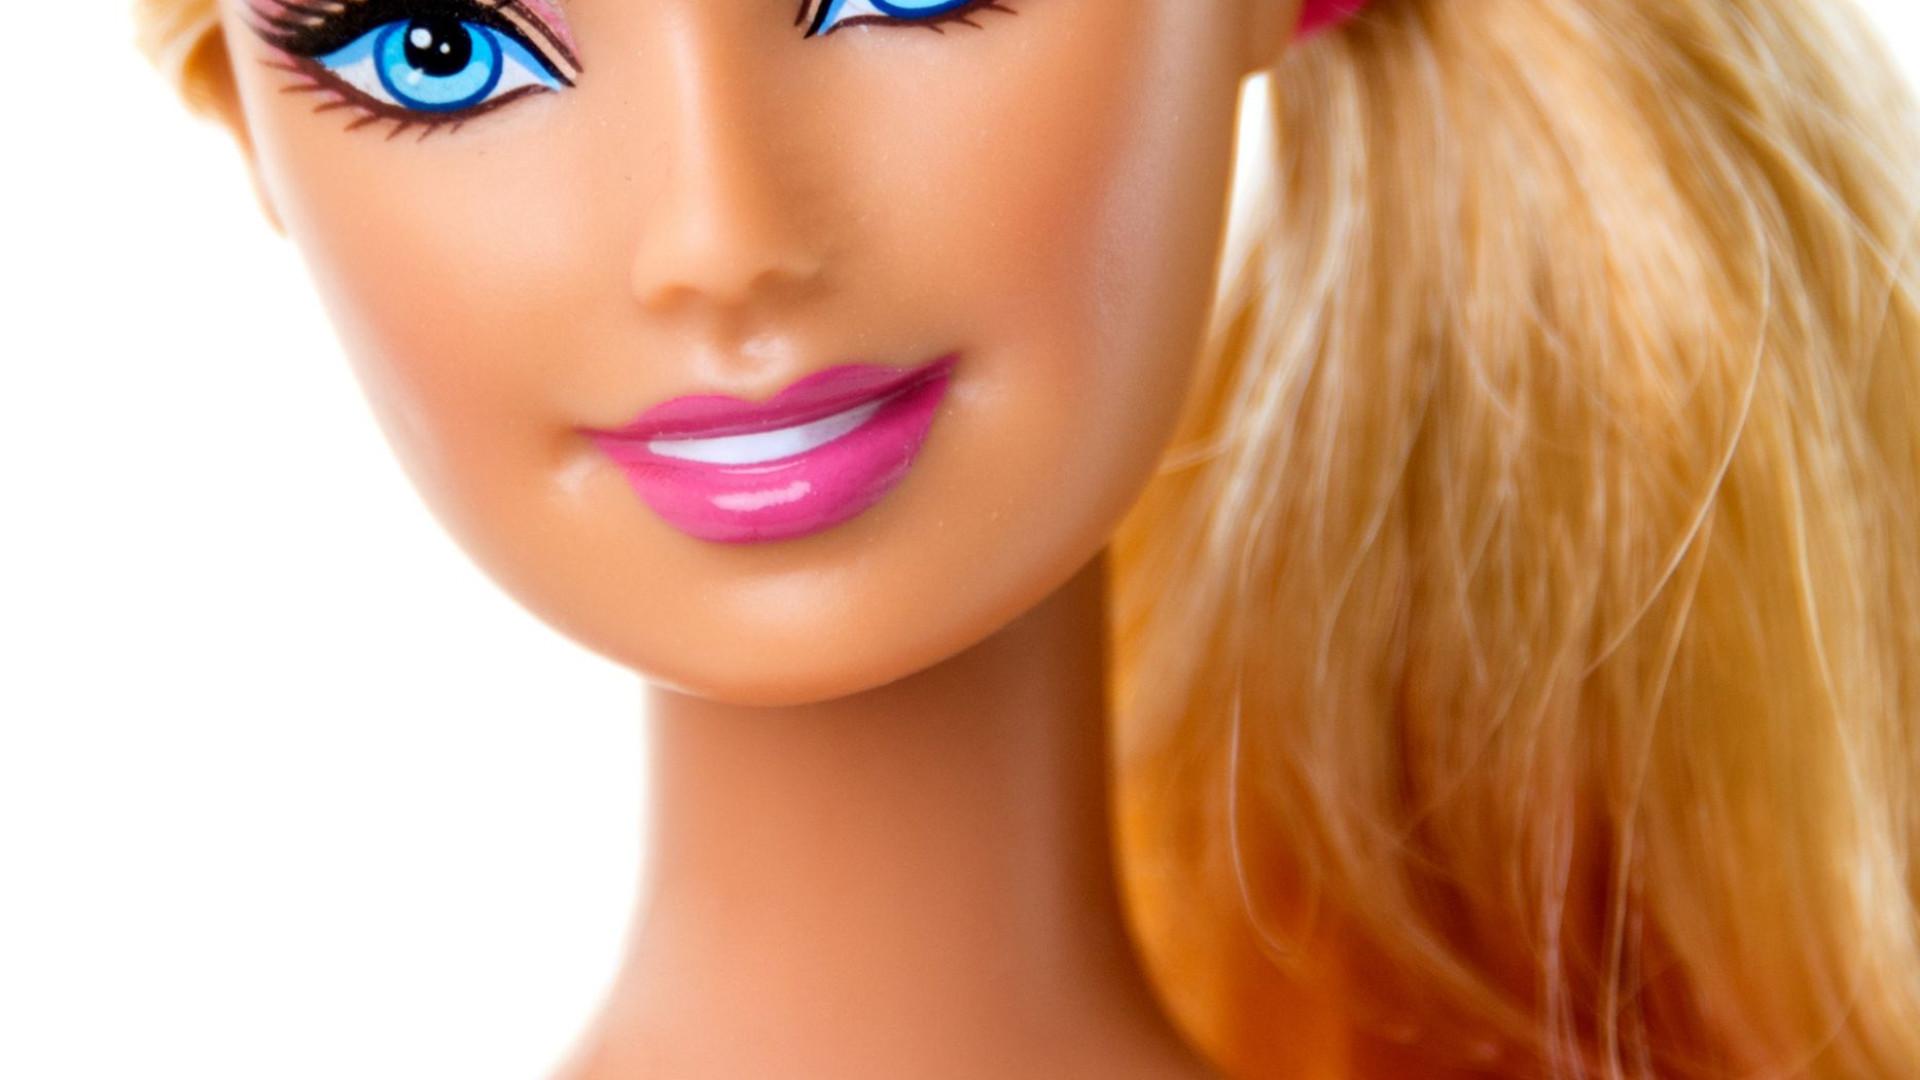 Aparentemente a Barbie tem apelido (saiba mais)